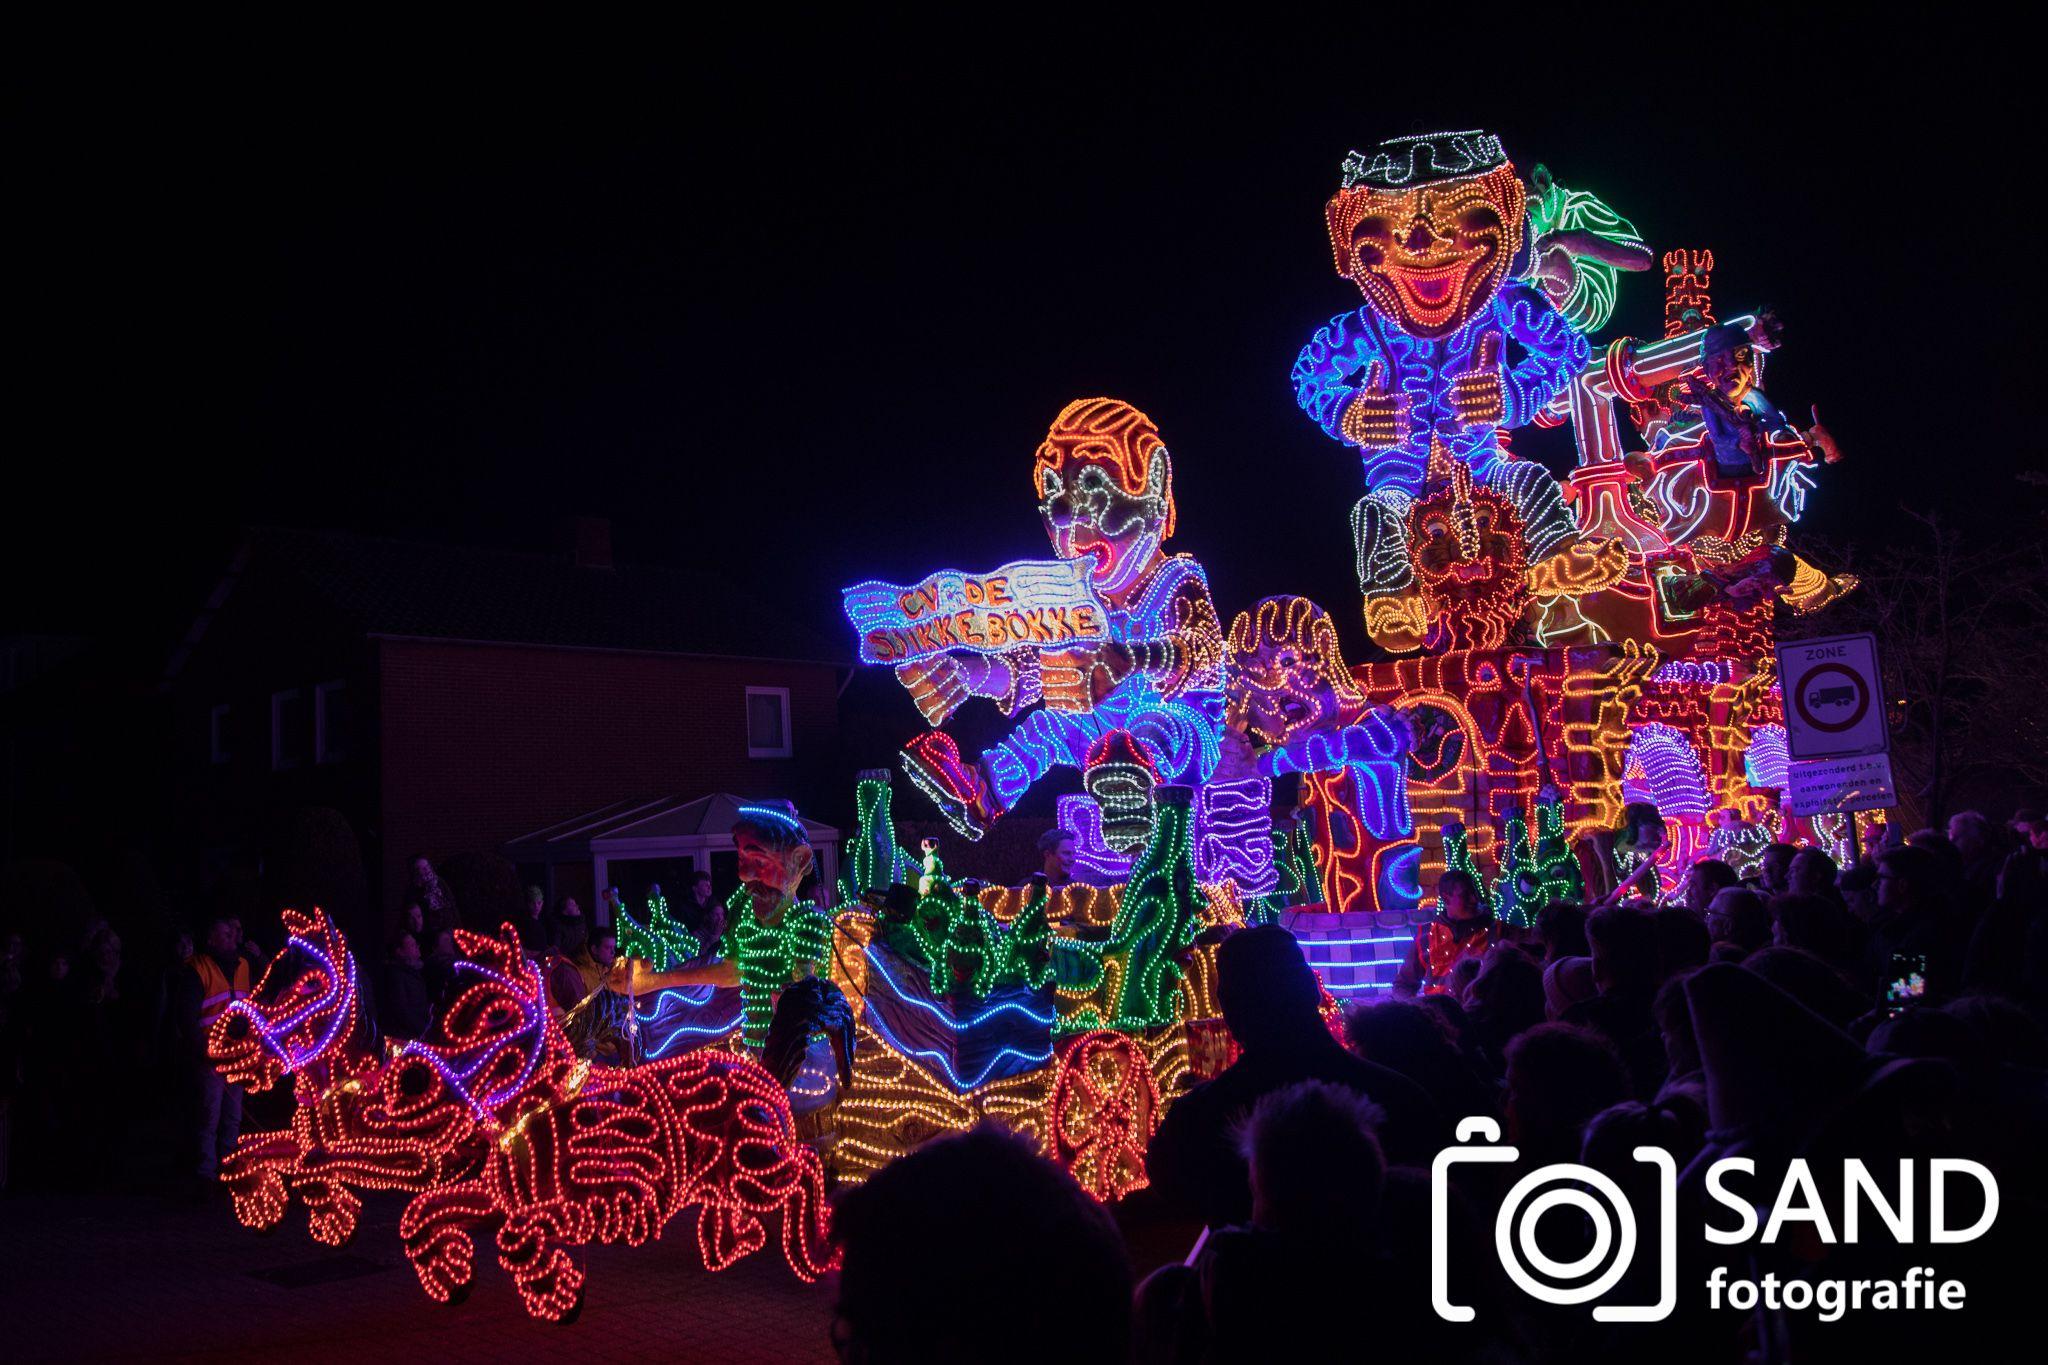 21 februari 2020 Verlichte carnavalsoptocht Tubbergen Sand Fotografie